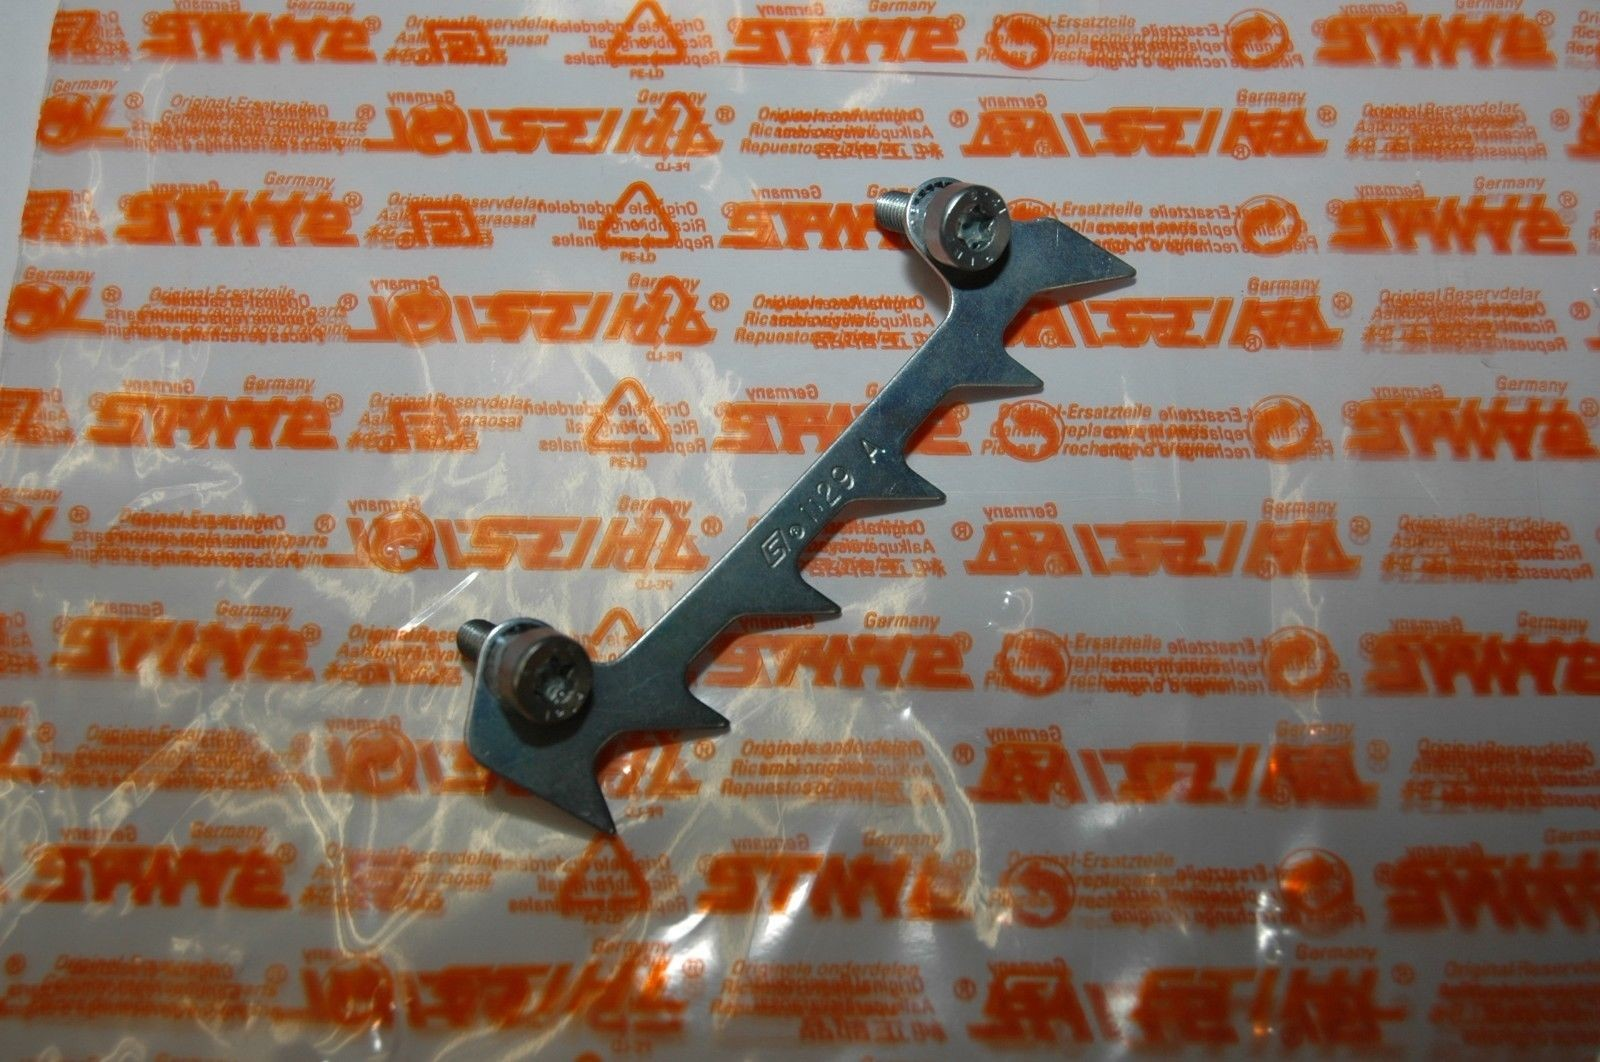 NEU Original Stihl 019T  MS190T MS191T Krallenanschlag 1129 664 0500 11296640500